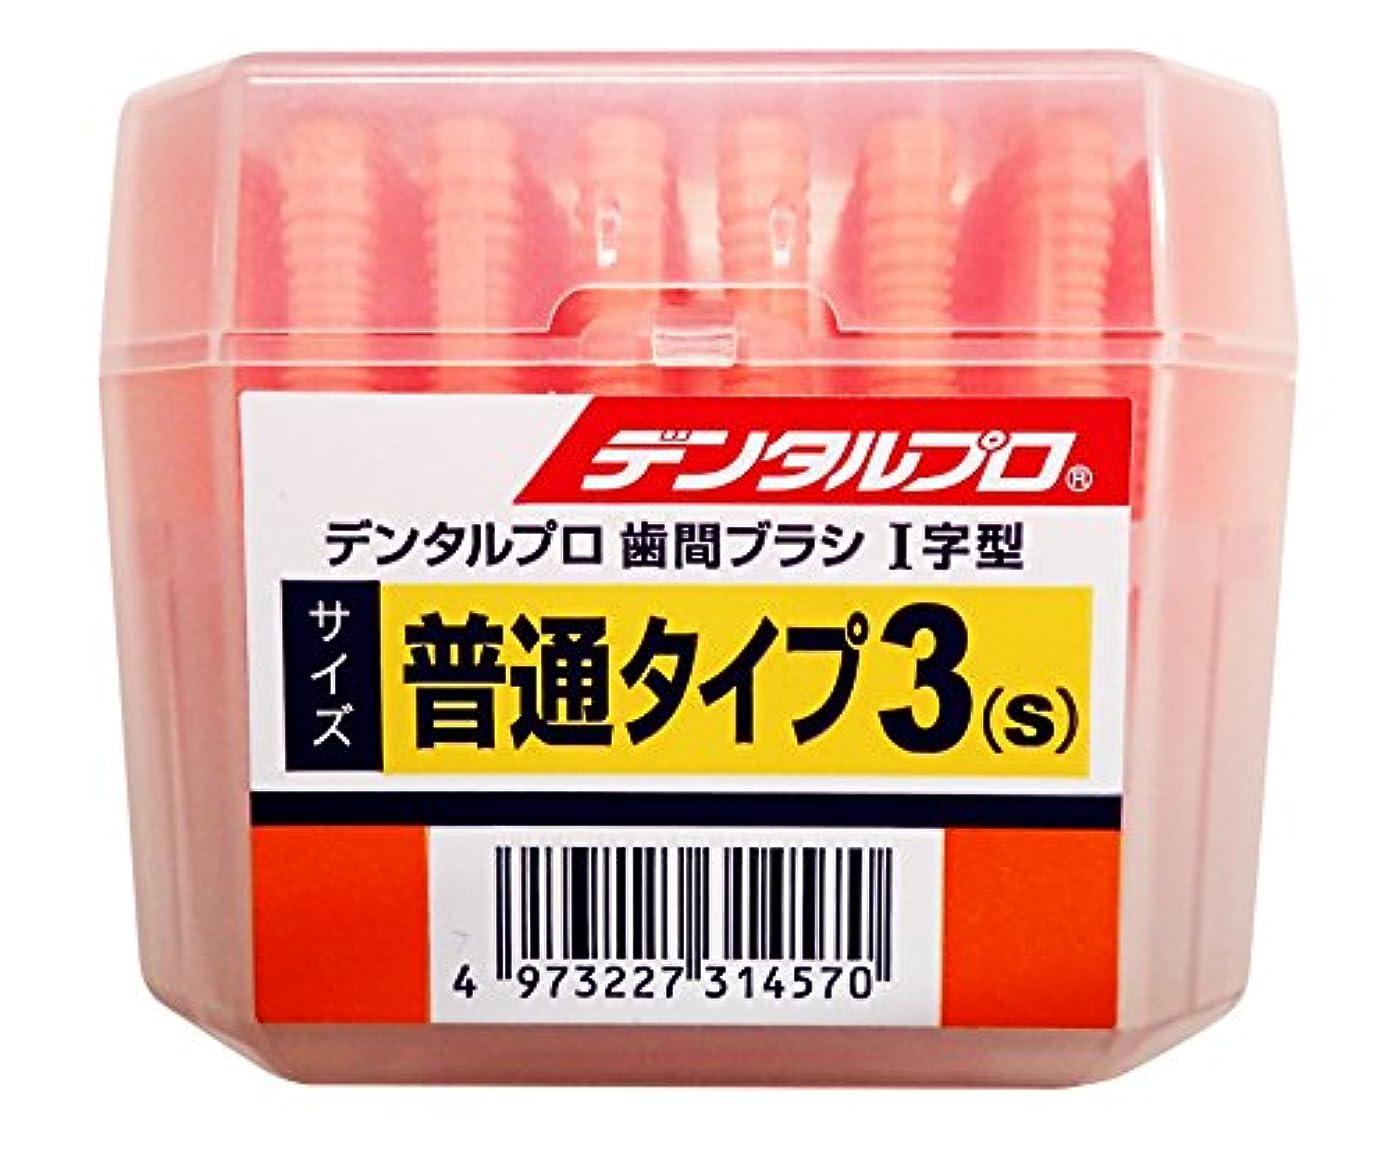 制裁コードレス優れましたデンタルプロ 歯間ブラシ I字型 普通タイプ サイズ3(S) 50本入